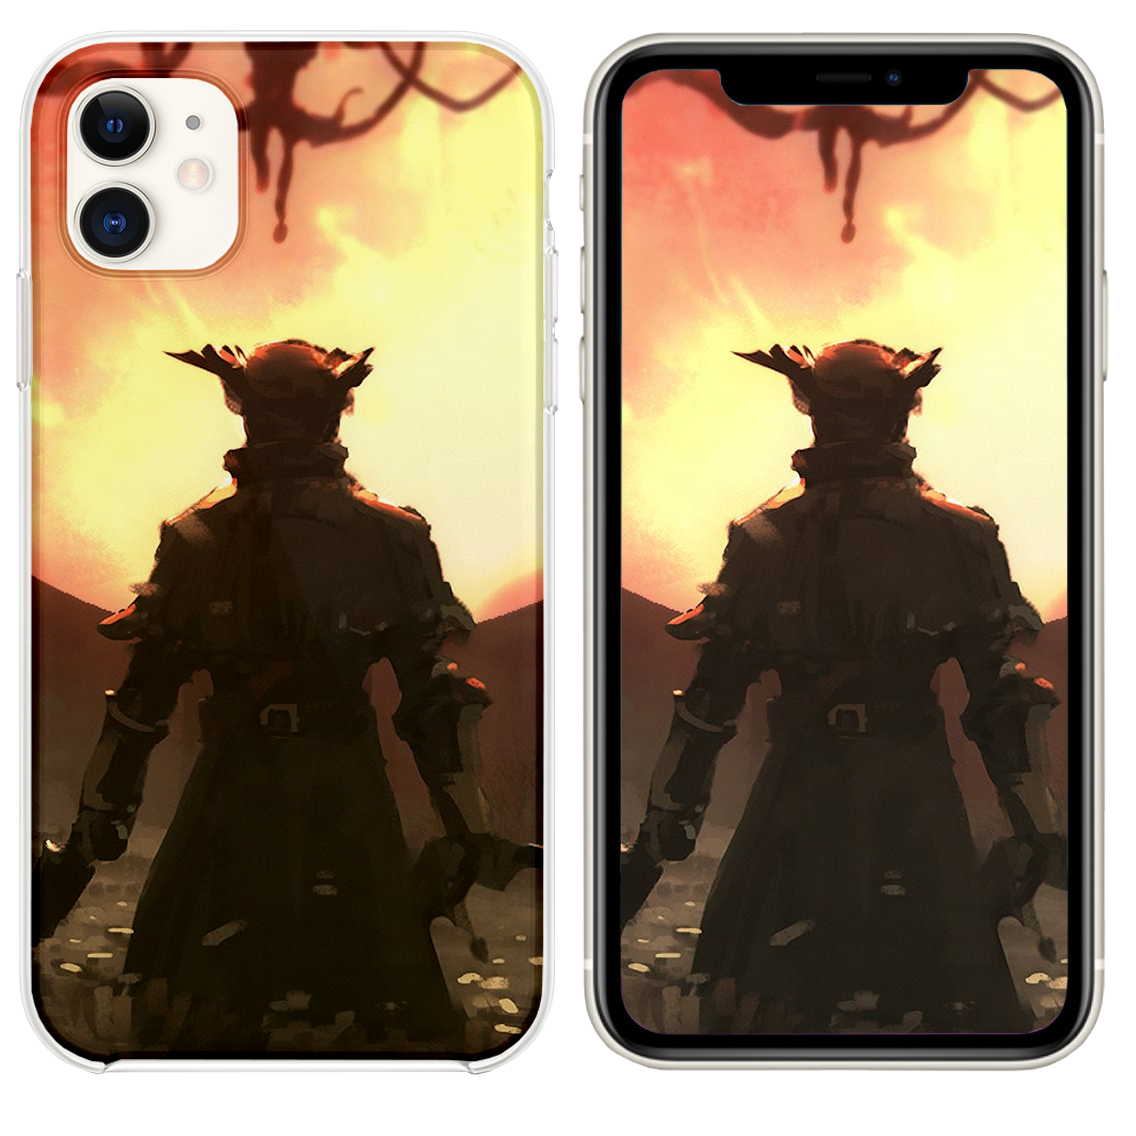 Bloodborne Game 4k iPhone 11 case Bloodborne game